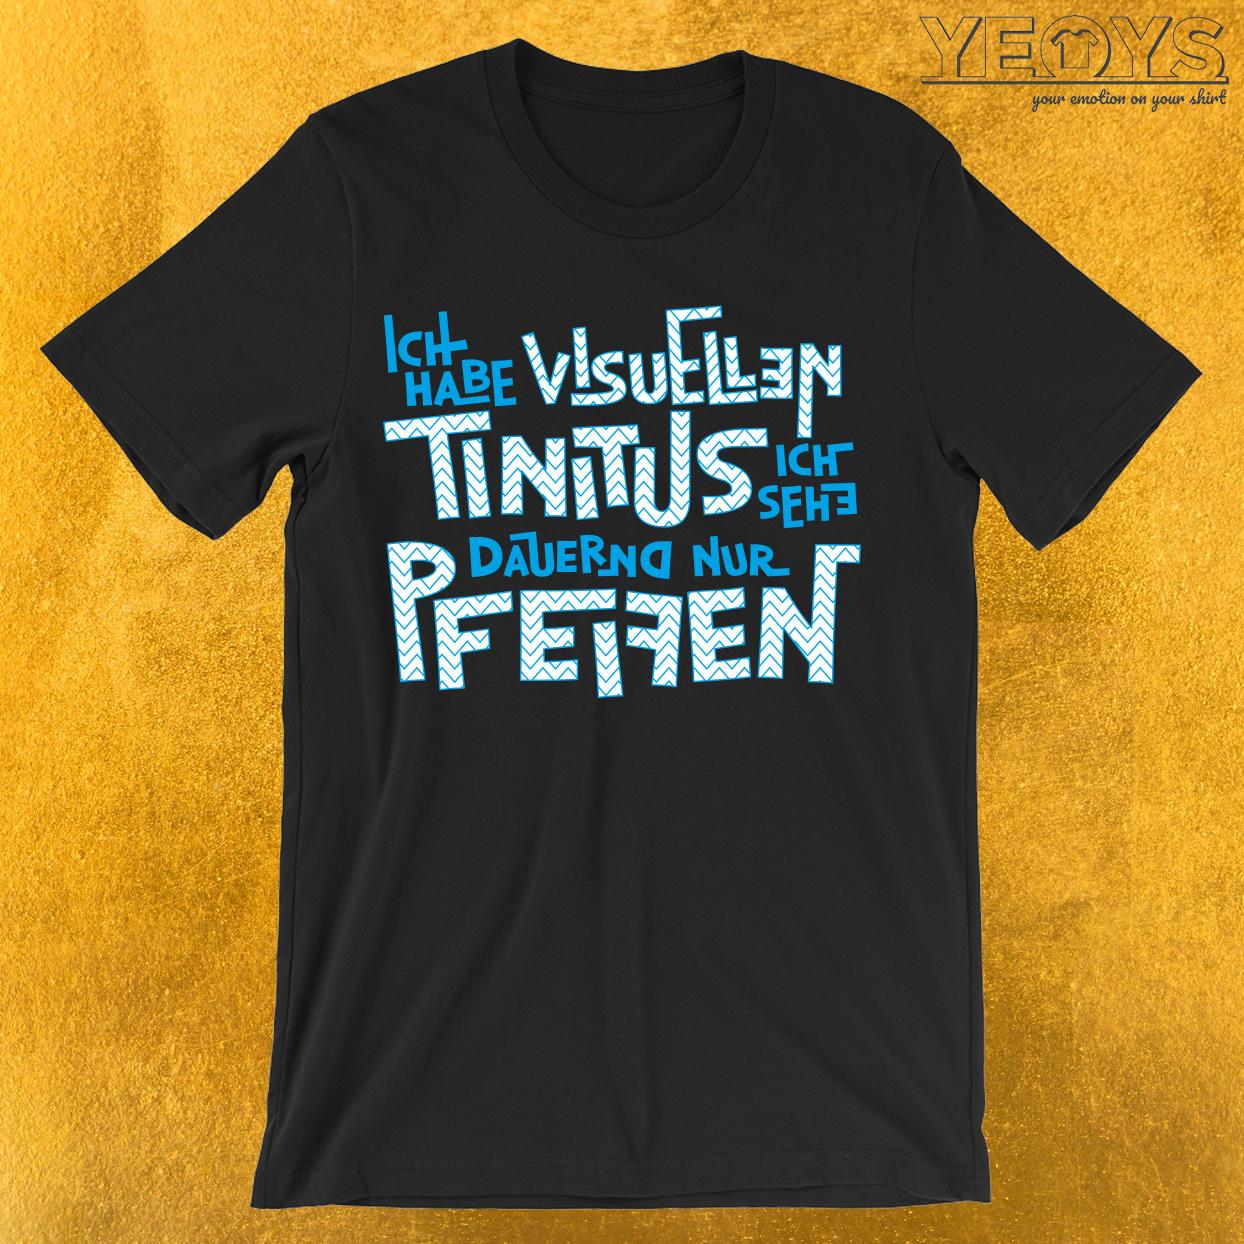 Visueller Tinitus Ich sehe nur Pfeifen T-Shirt